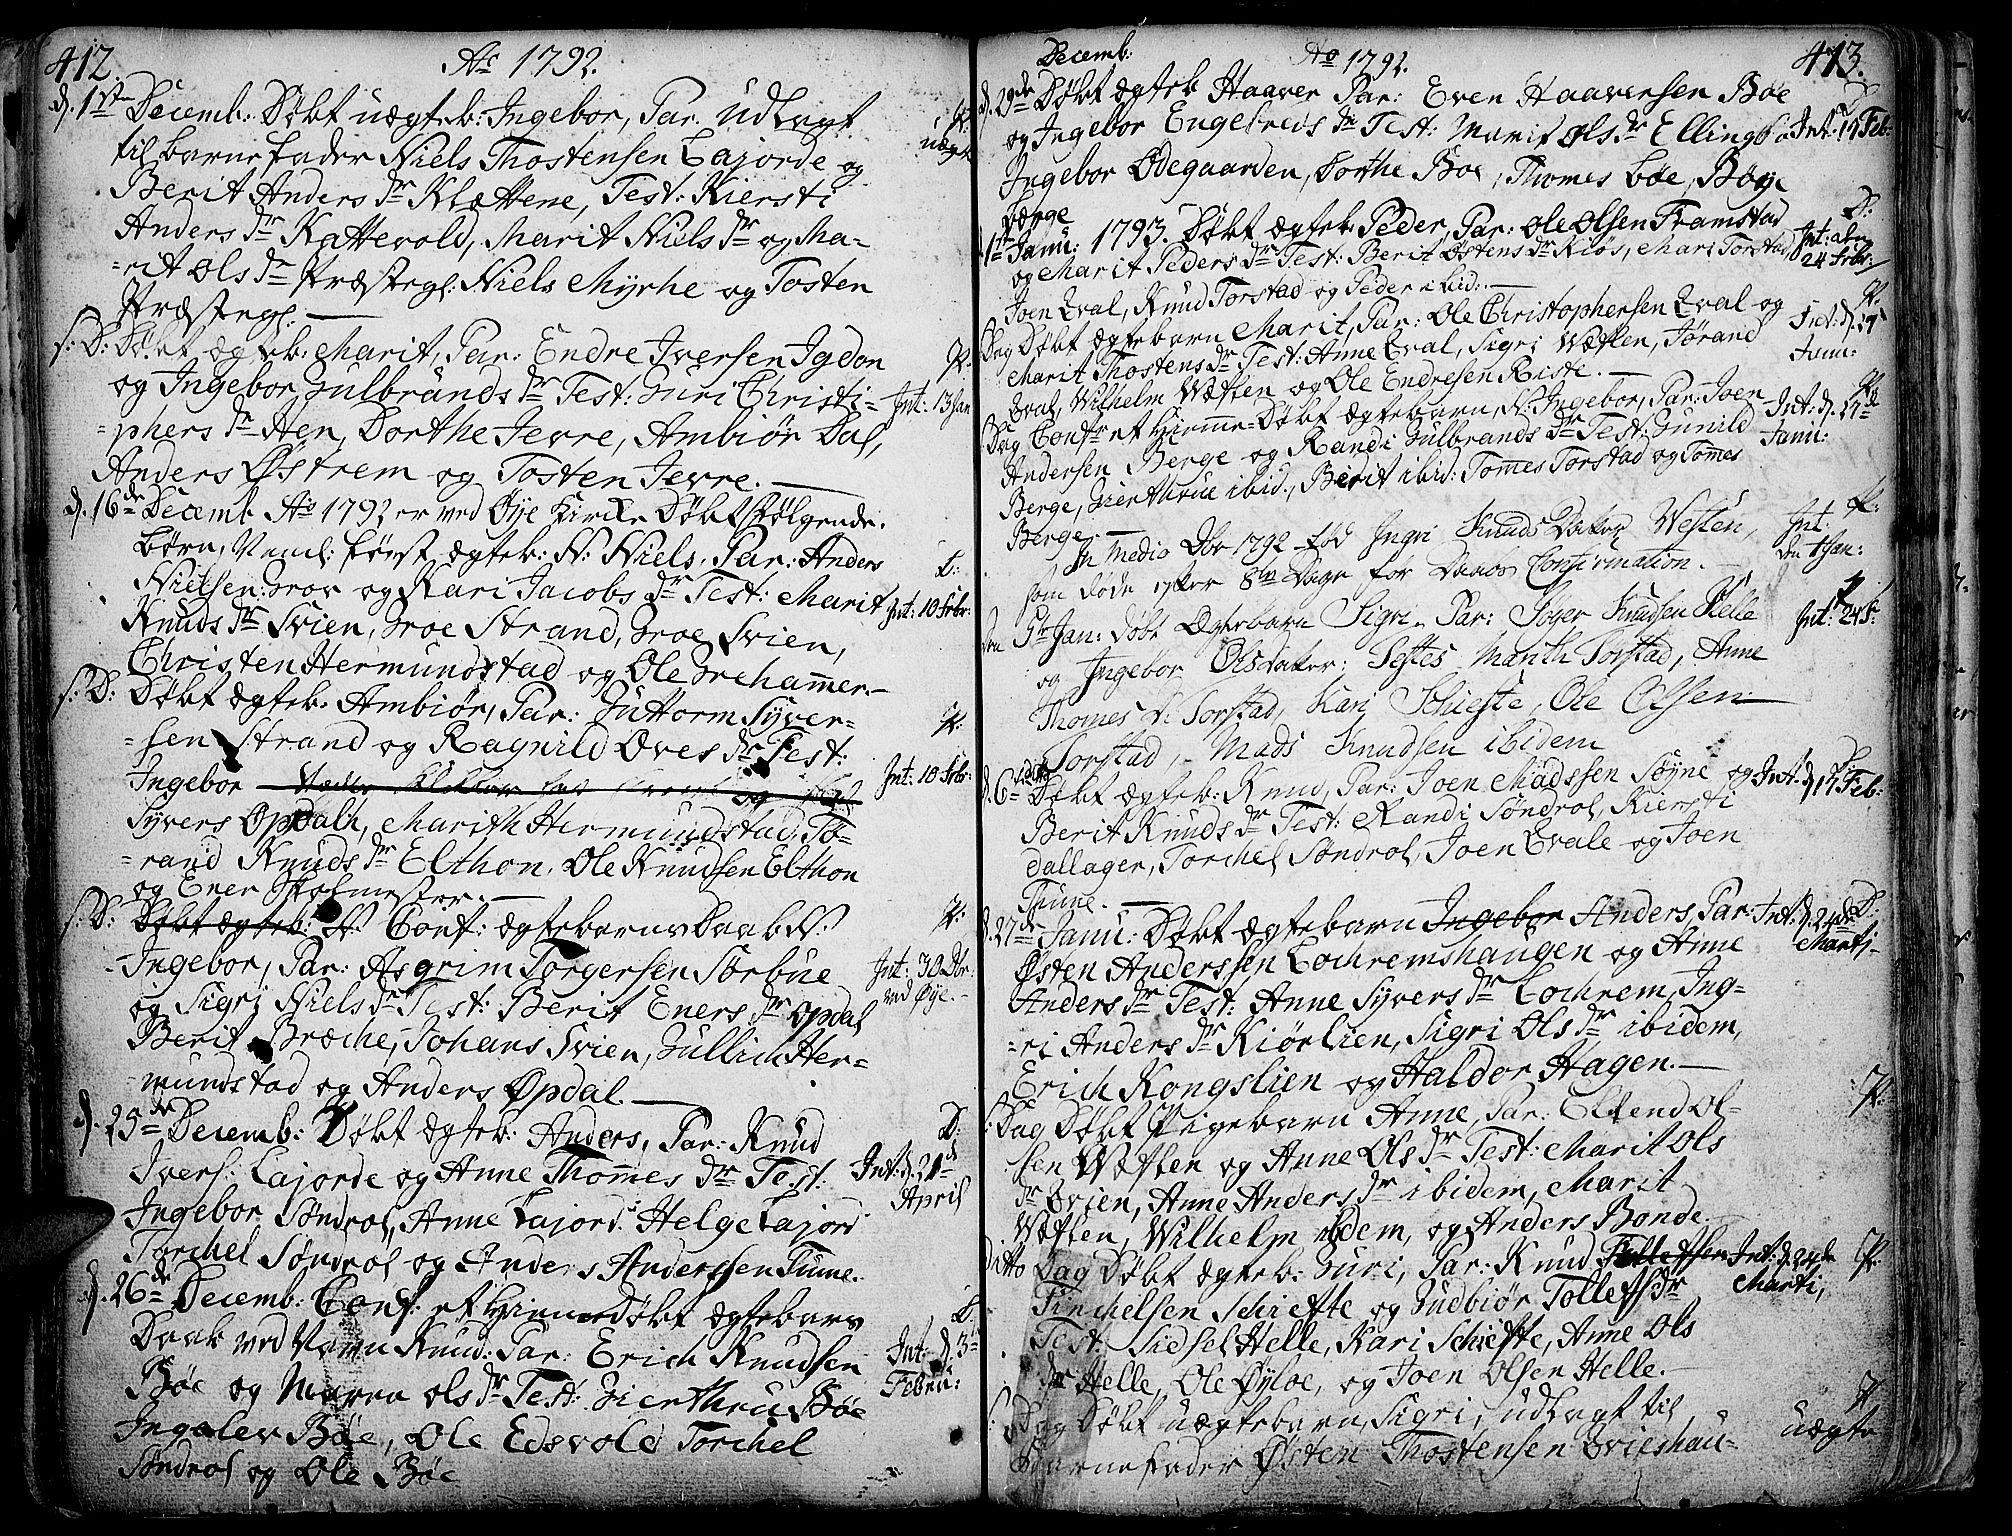 SAH, Vang prestekontor, Valdres, Ministerialbok nr. 1, 1730-1796, s. 412-413